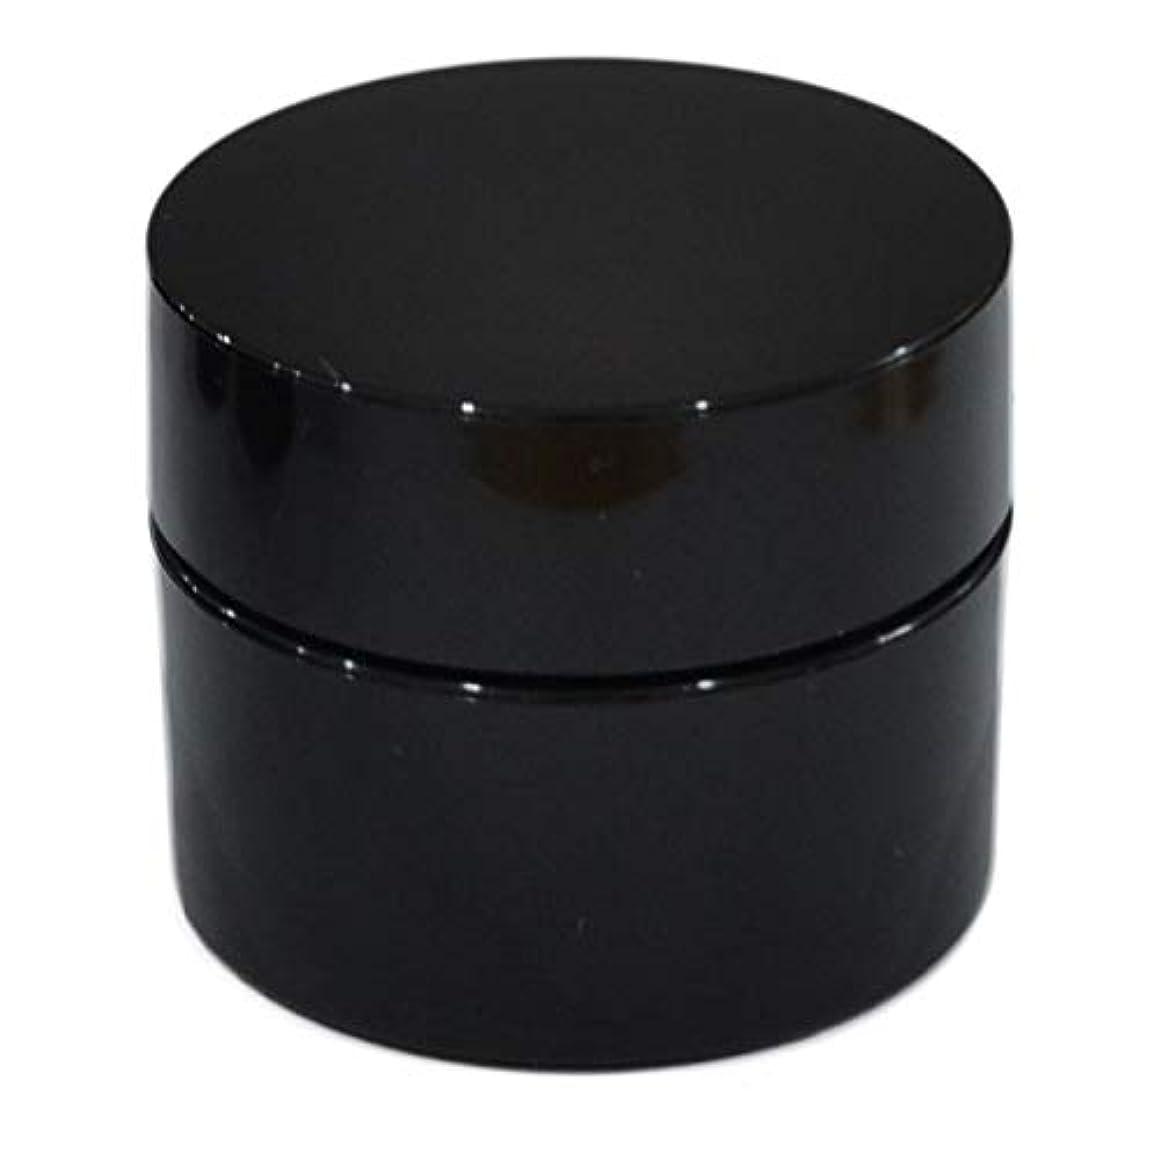 振る農業自殺純国産ネイルジェル用コンテナ 10g用GA10g 漏れ防止パッキン&ブラシプレート付容器 ジェルを無駄なく使える底面傾斜あり 遮光 黒 ブラック